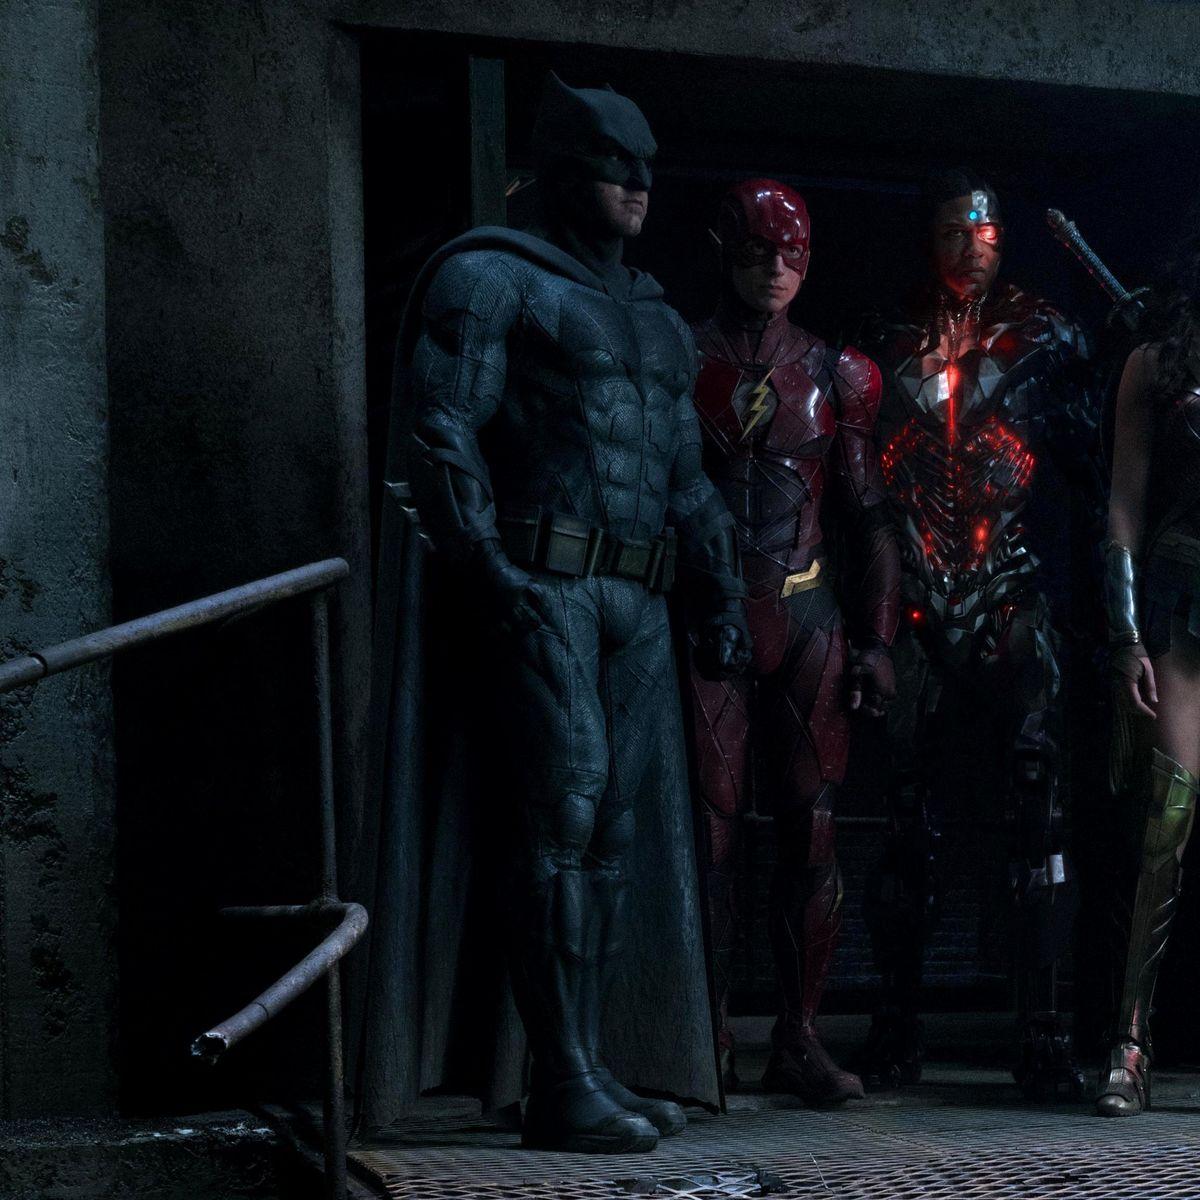 Justice-League-Empire-exclusive.jpg